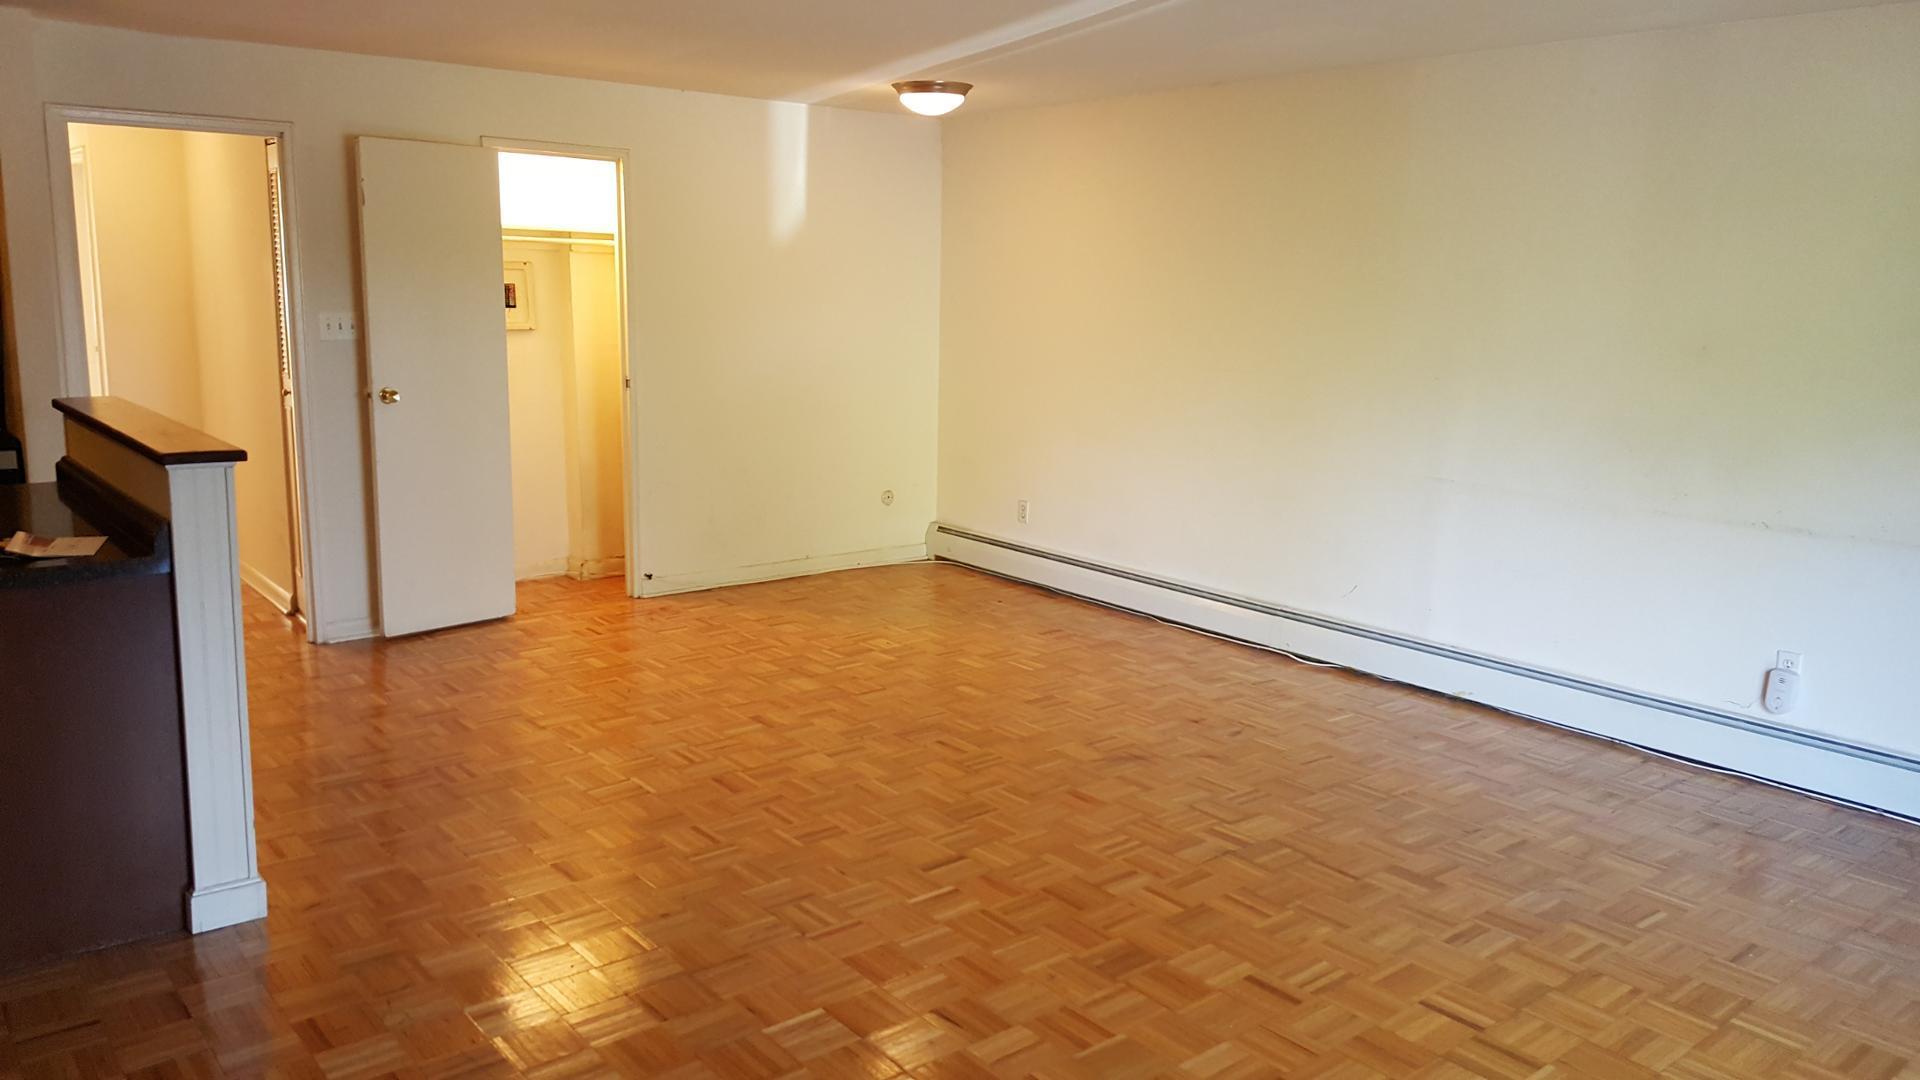 97 Ashland Avenue #FP-2BR/2BA Basement, Bala Cynwyd, PA - 1,795 USD/ month